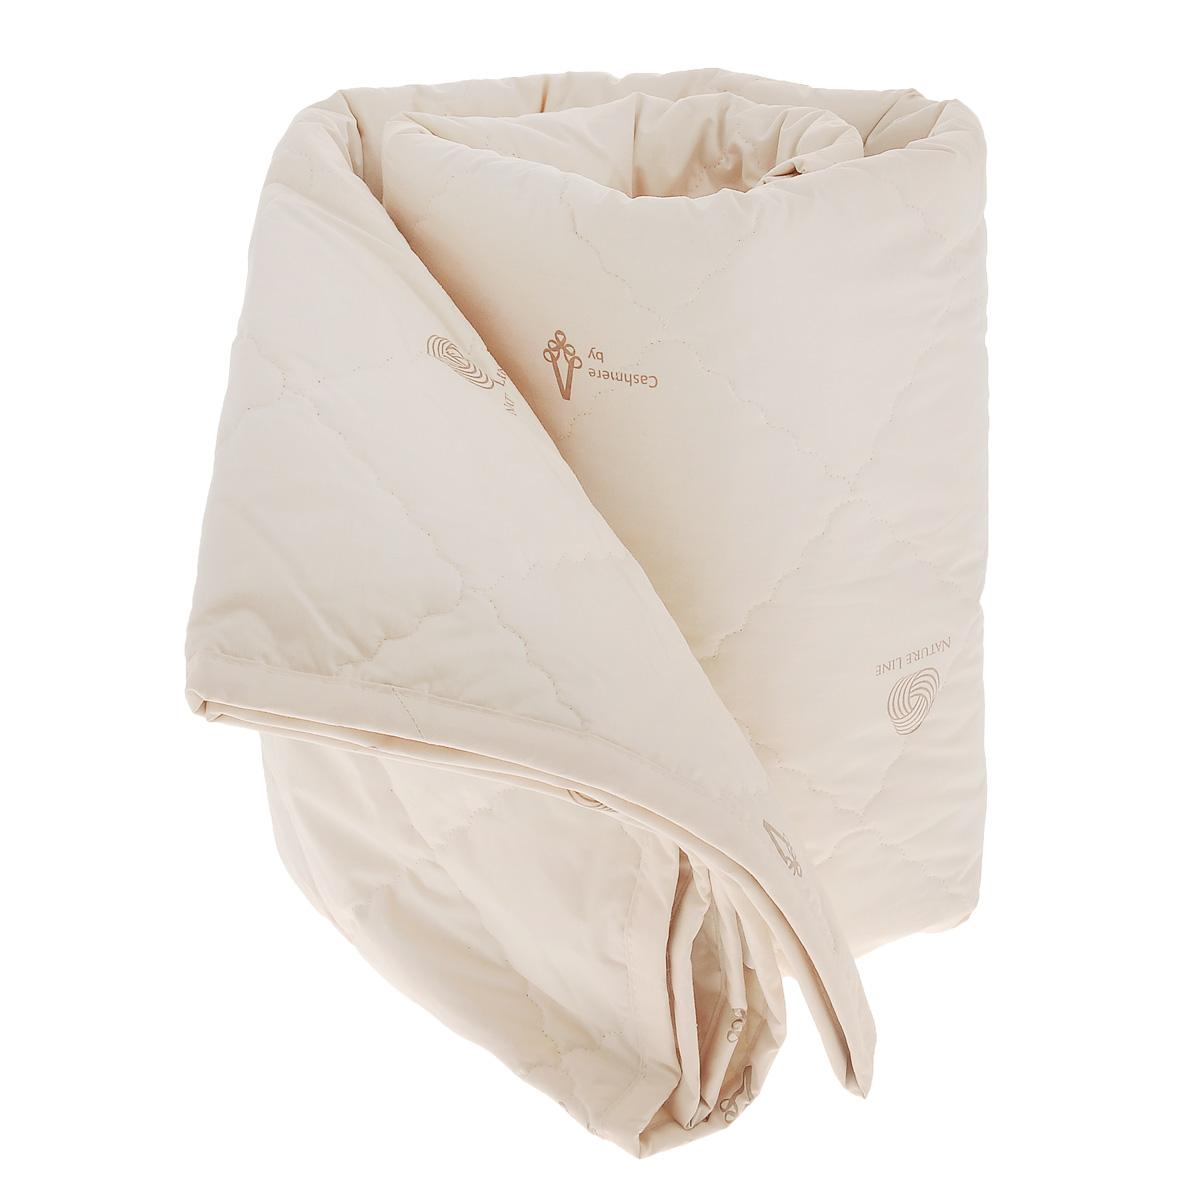 Одеяло La Prima Кашемир, наполнитель: кашемир, полиэфирное волокно, цвет: светло-бежевый, 200 х 220 см1085/0224887/15Одеяло La Prima Кашемир очень легкое, воздушное и одновременно теплое. Чехол одеяла выполнен из 100% хлопка. Наполнитель - из натуральной шерсти кашемирской козы. Одеяла с наполнителем из кашемира очень высоко ценят во всем мире. Изделие обладает высокой воздухопроницаемостью, прекрасно сохраняет тепло и снимает статистическое электричество. Оно гипоаллергенно, очень практично и неприхотливо в уходе. Благоприятно воздействует на мышцы и суставы, создавая эффект микромассажа, обеспечивает здоровый и глубокий сон. Ручная стирка при температуре 30°С. Материал чехла: 100% хлопок.Наполнитель: кашемир, полиэфирное волокно.